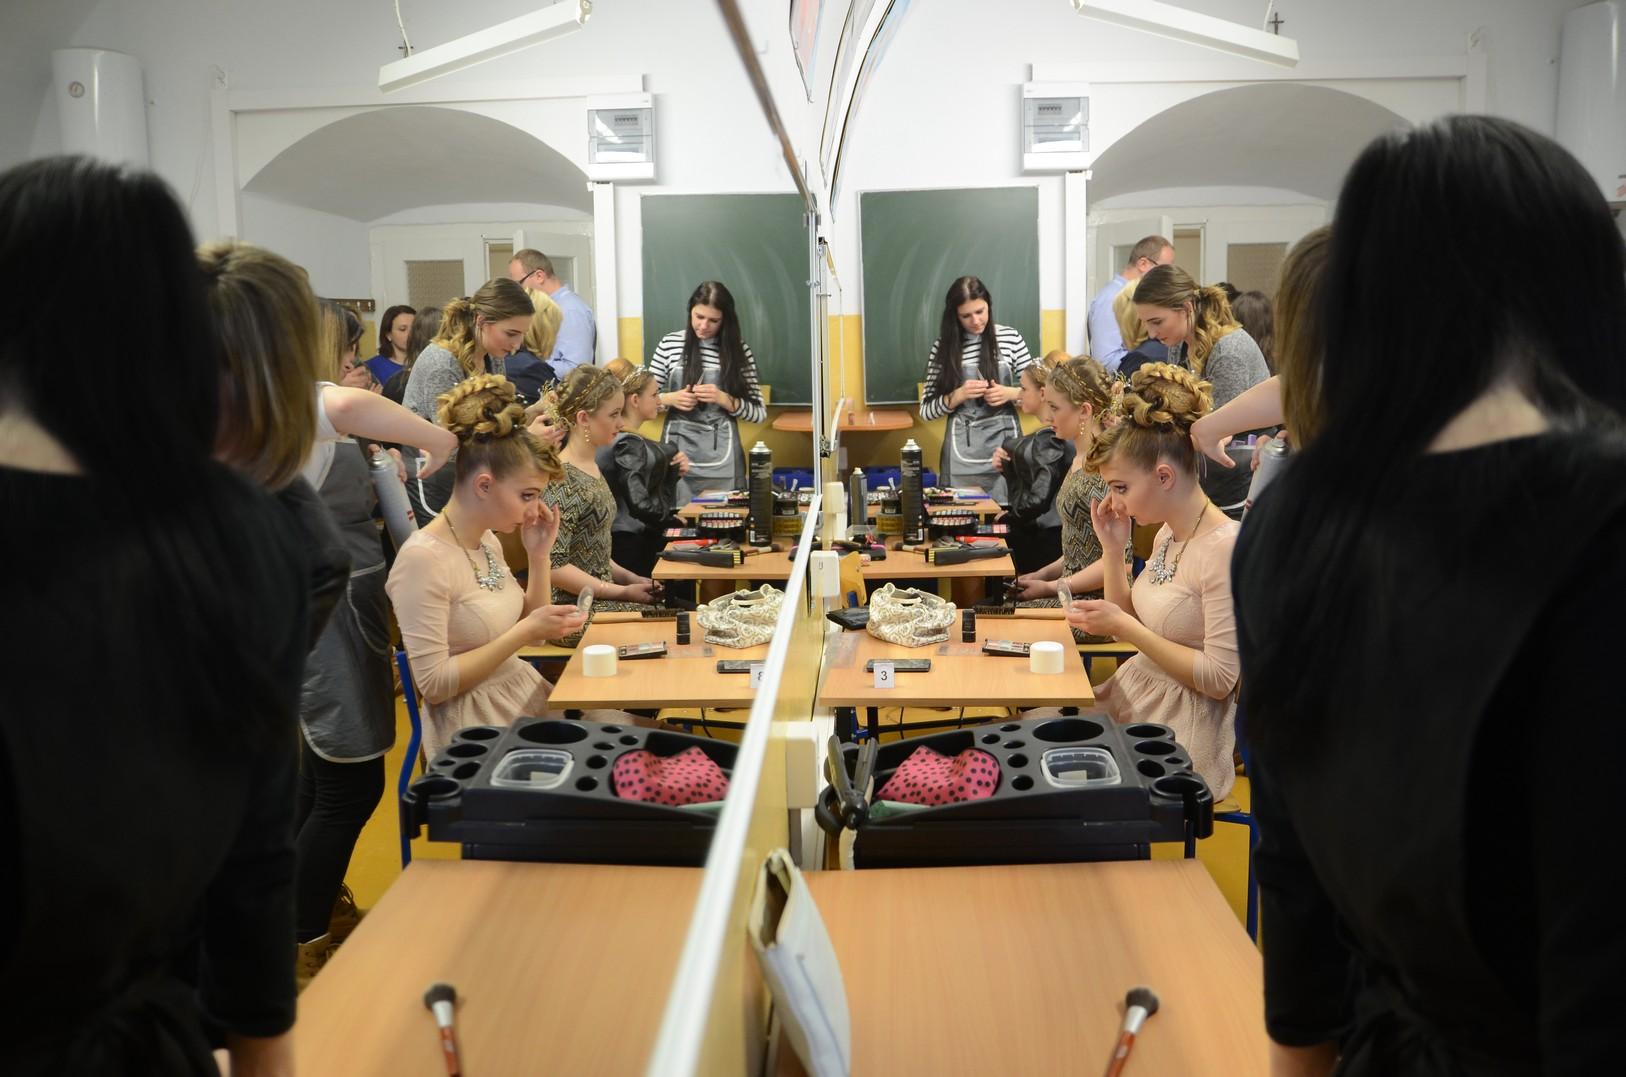 Technik usług fryzjerskich | Technikum Nr 1 w Zamościu